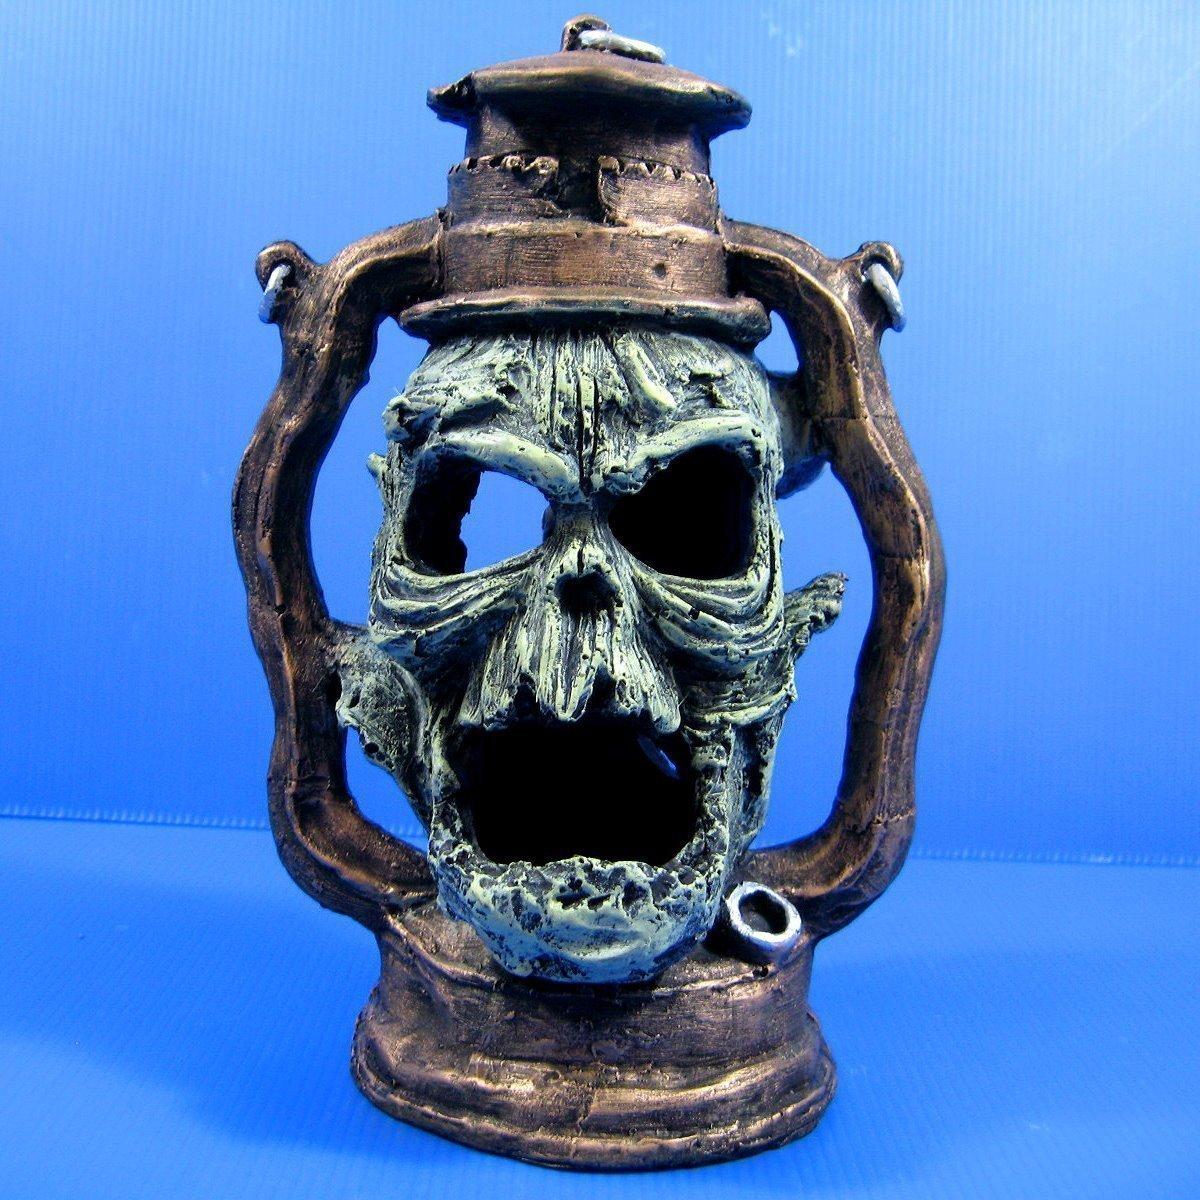 Devil Oil Lamp Skull cave 6.7x4.9x9.8 Aquarium Ornament Decor aquatic Bonsai KY1102 SU KY1102 SU????